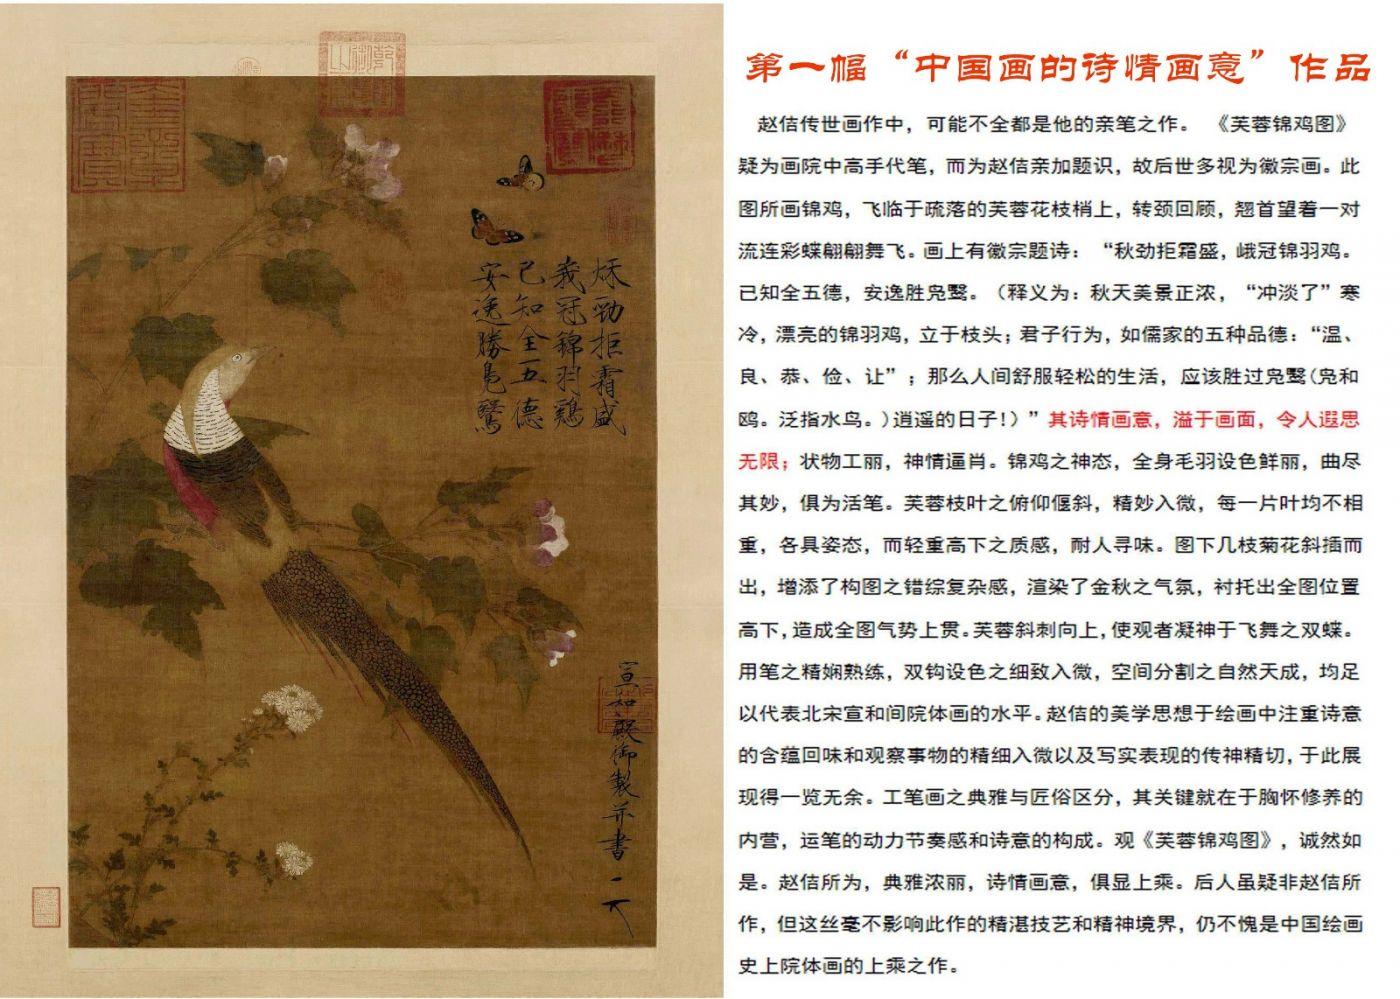 人民网强国论坛全面支持《顾绍骅的诗情画意》_图1-7